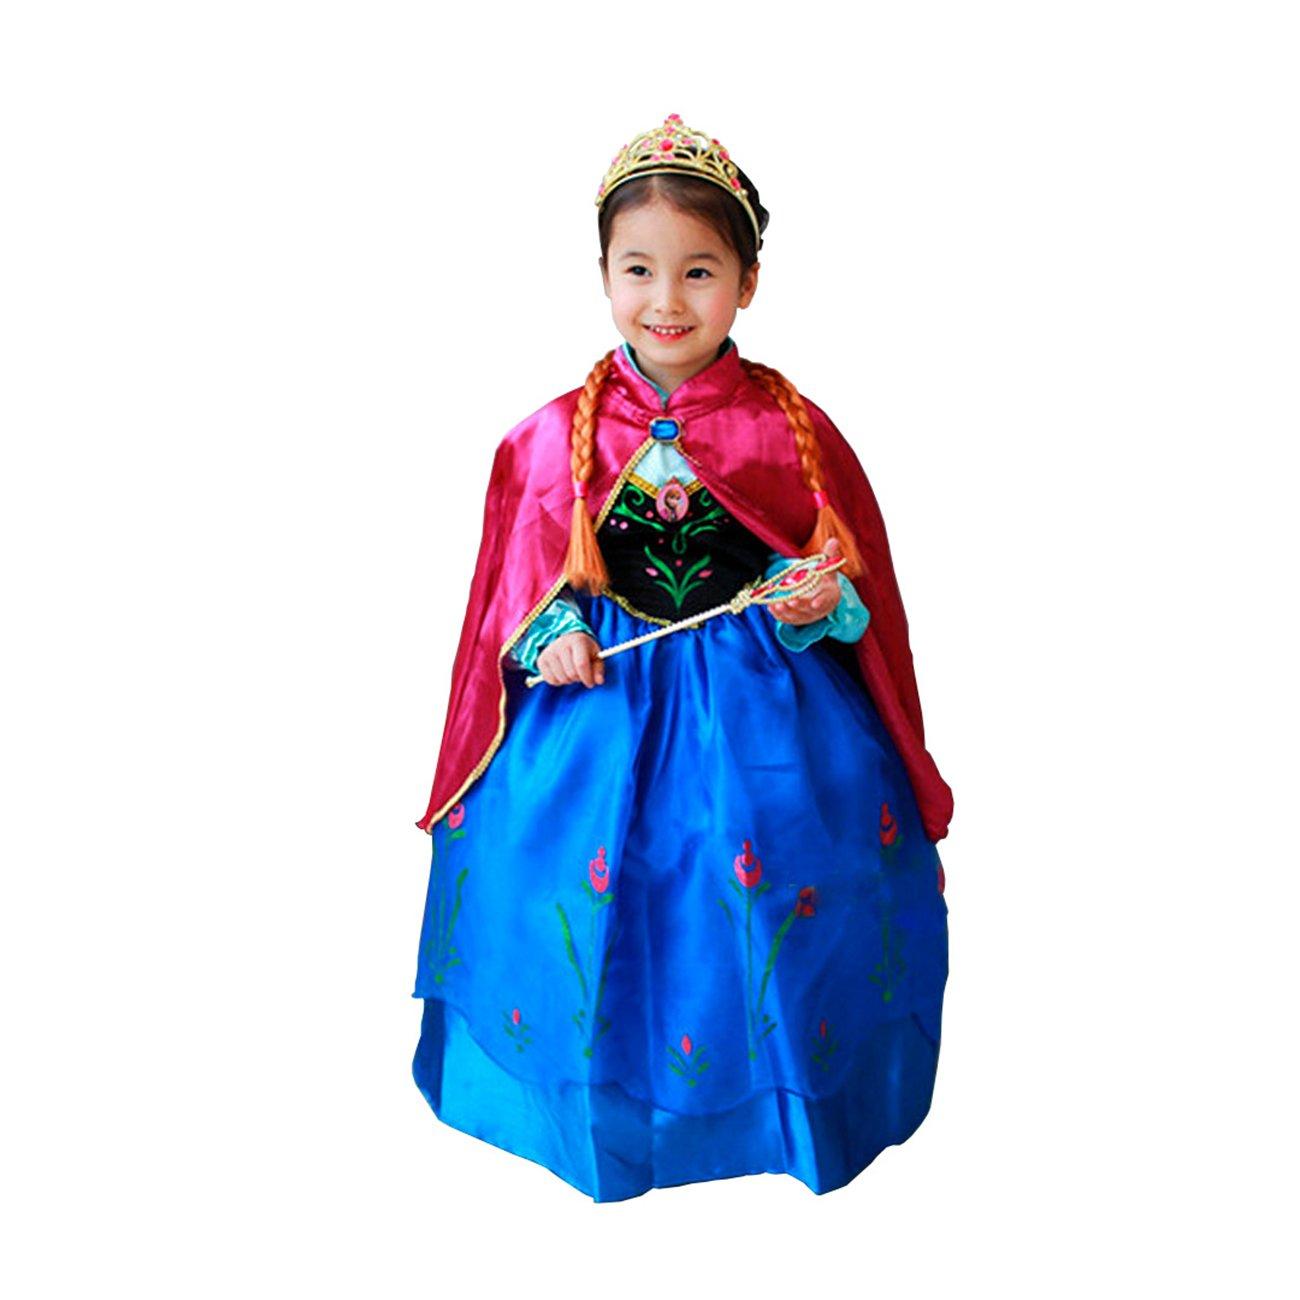 Frozen Vestido Niñas Disfraz ANNA ELSA (120 (4-5 años)) product image